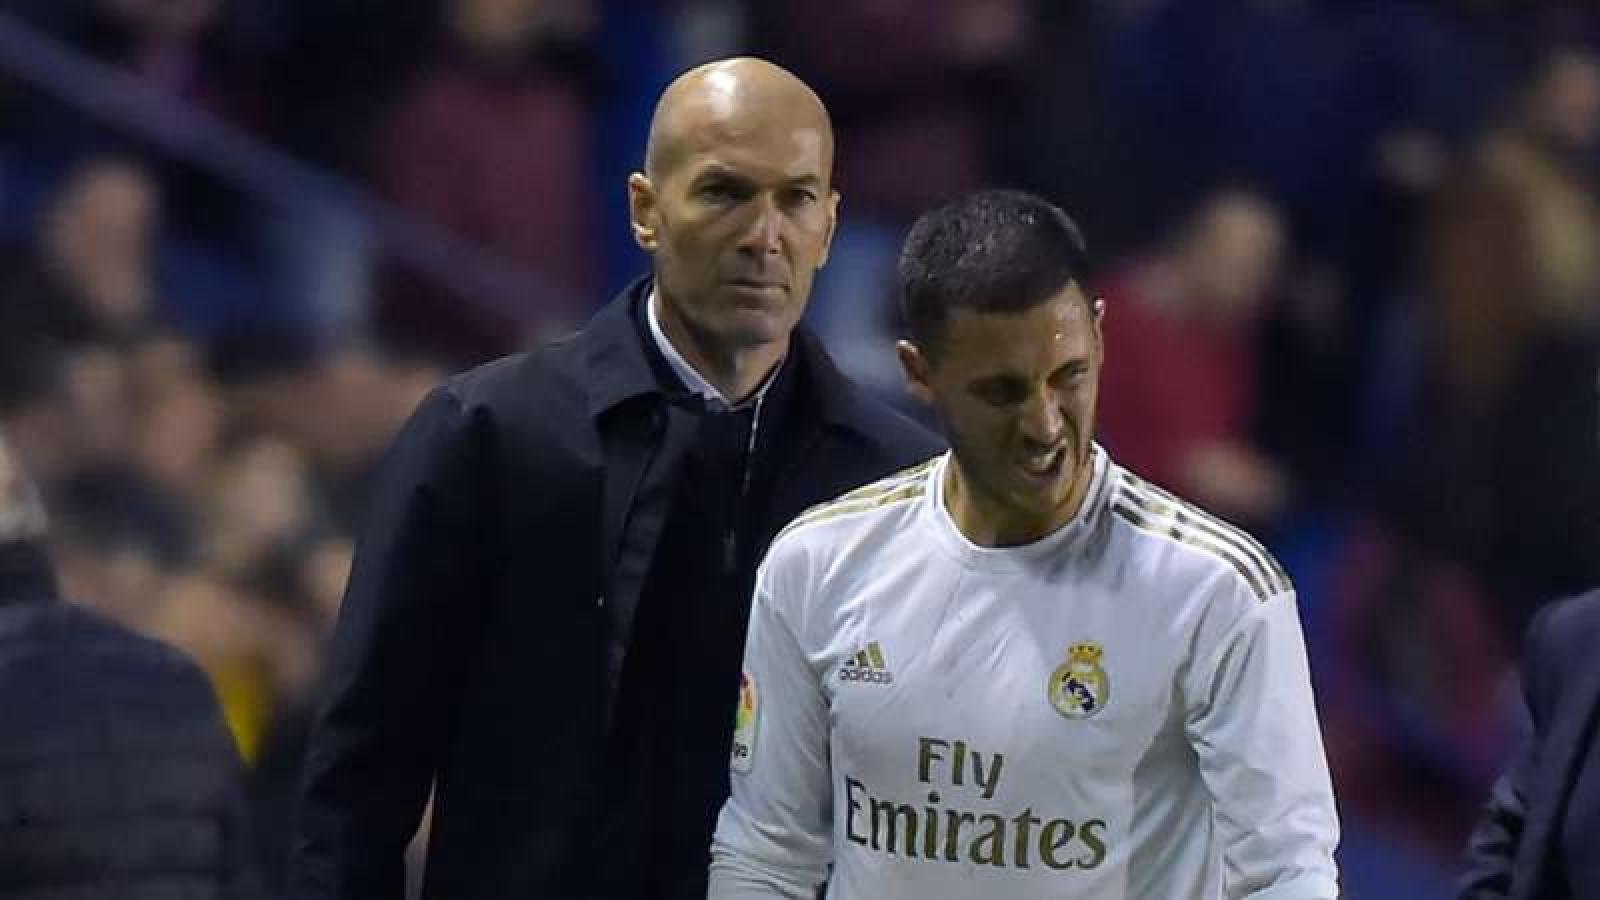 HLV Zidane báo tin không vui tới cổ động viên Real Madrid